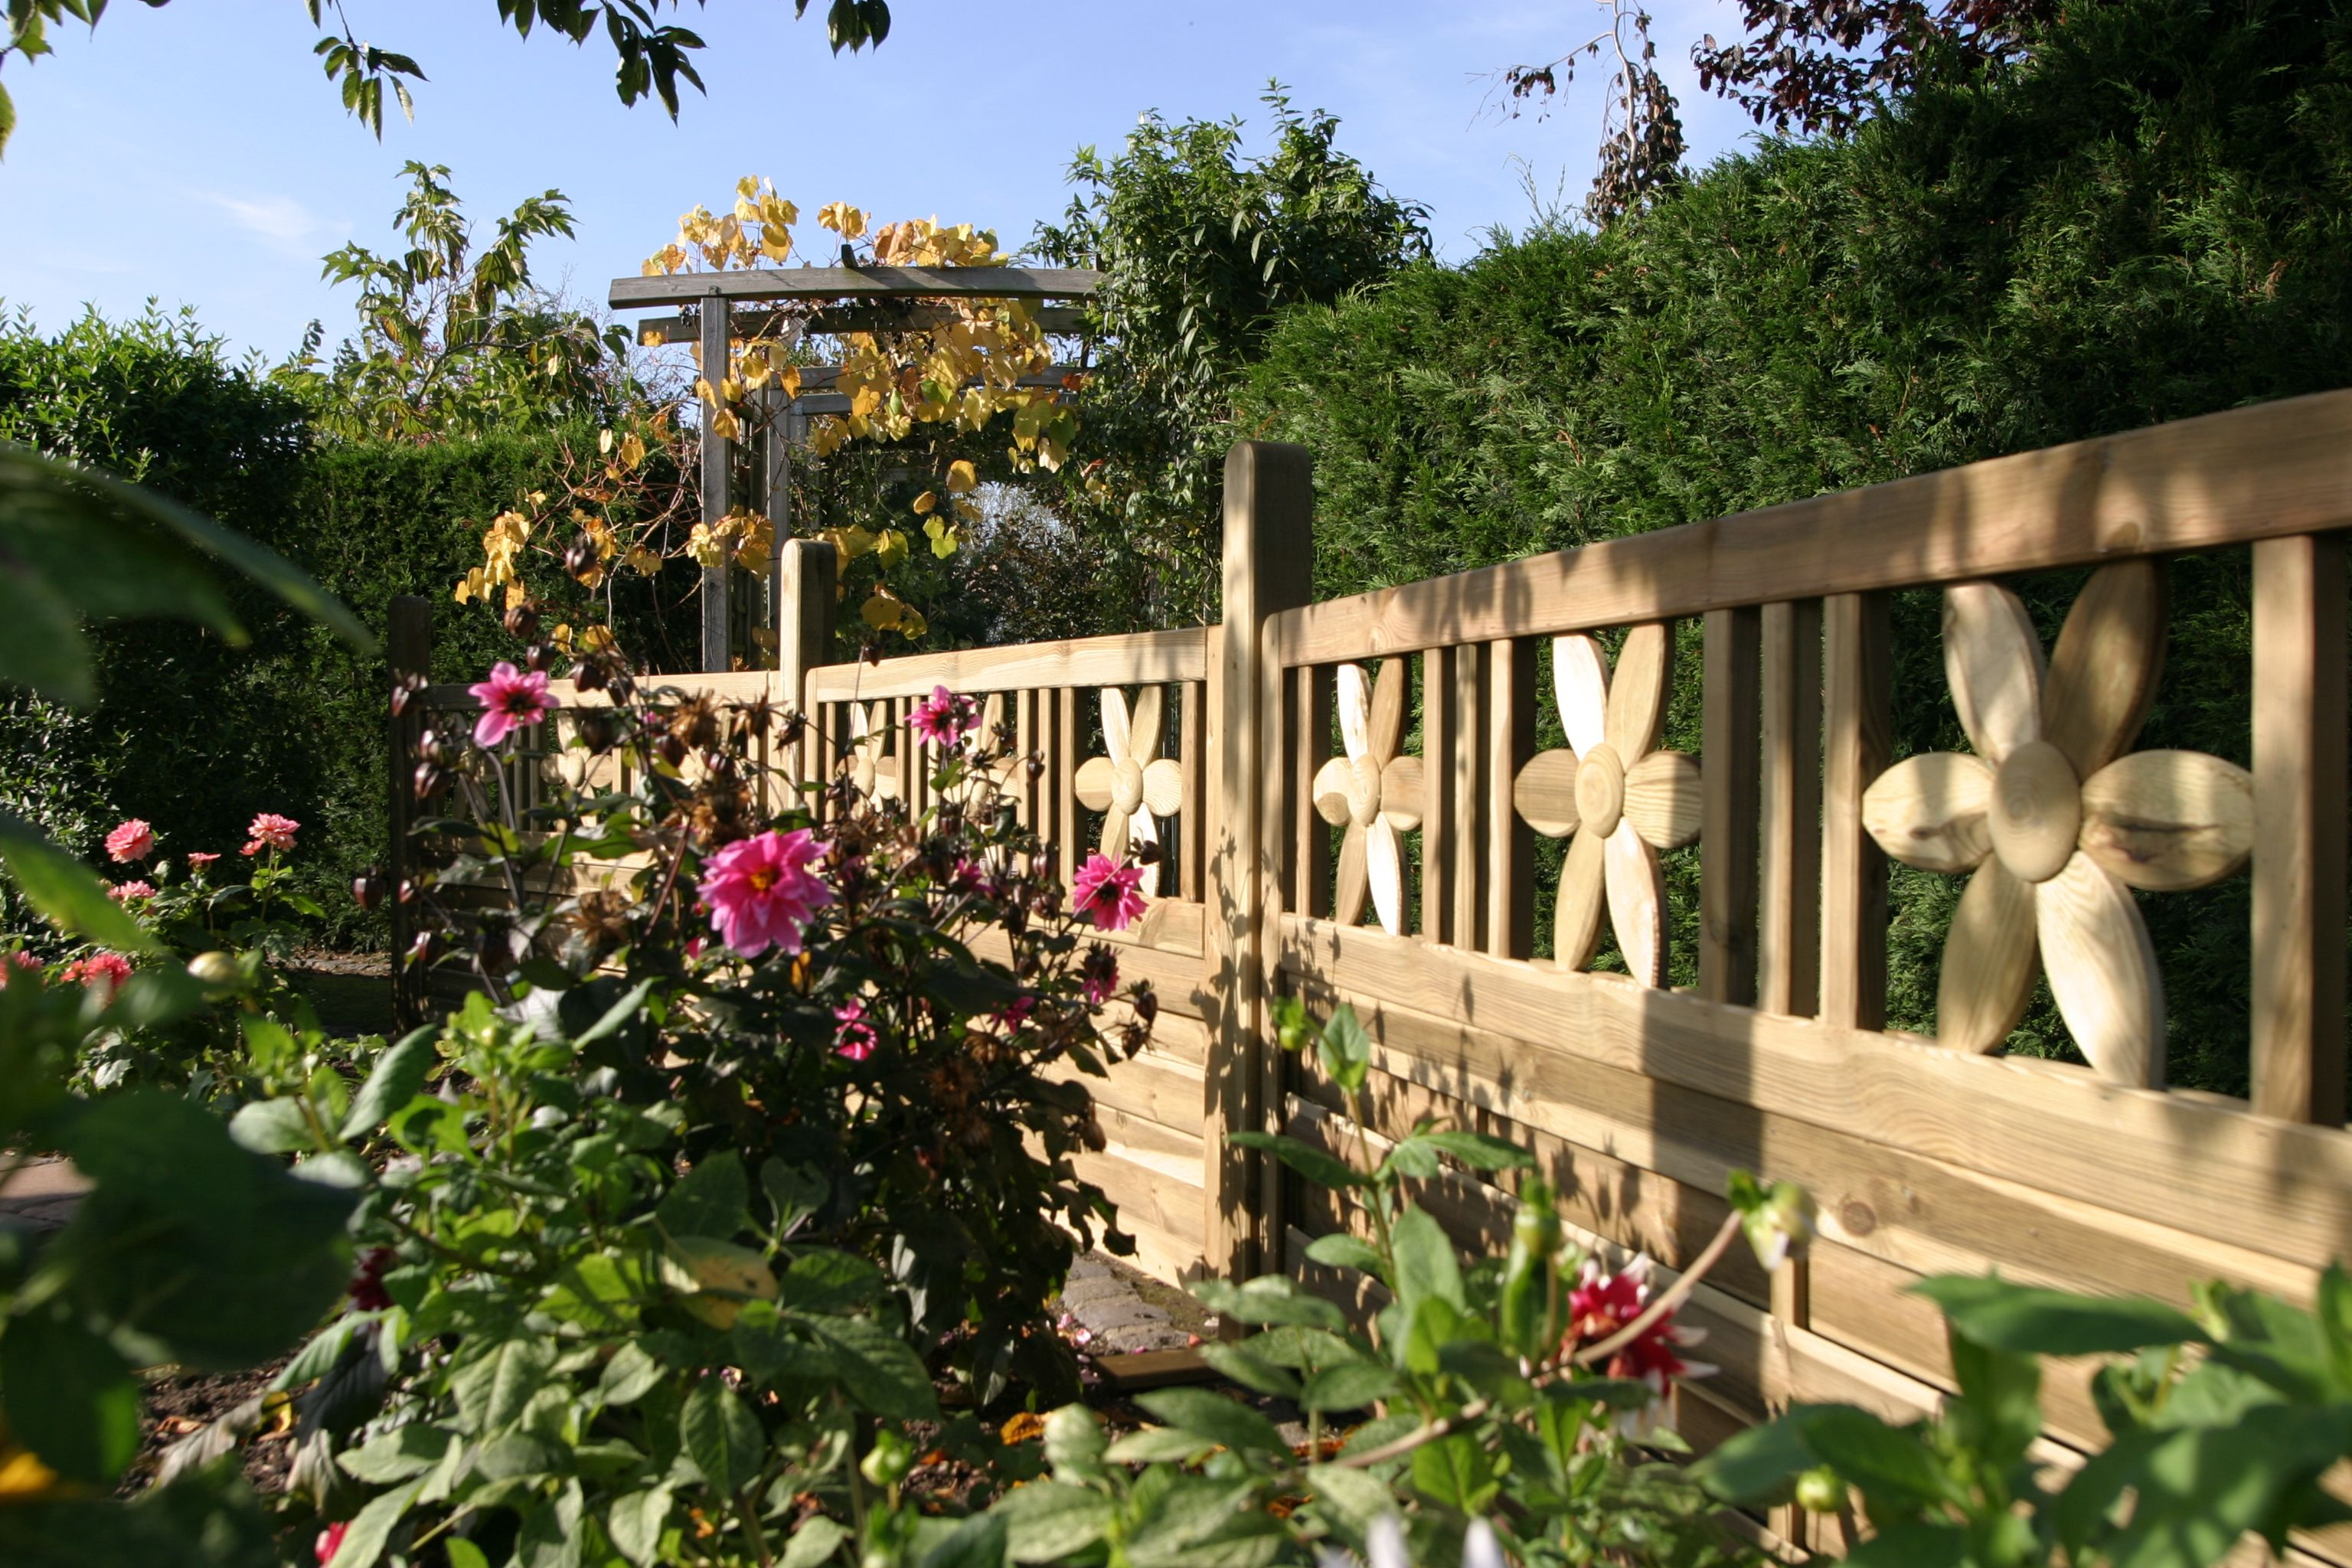 Wunderschönes Ambiente mit dem Zaun Florenz Sichtschutz Holzzaun